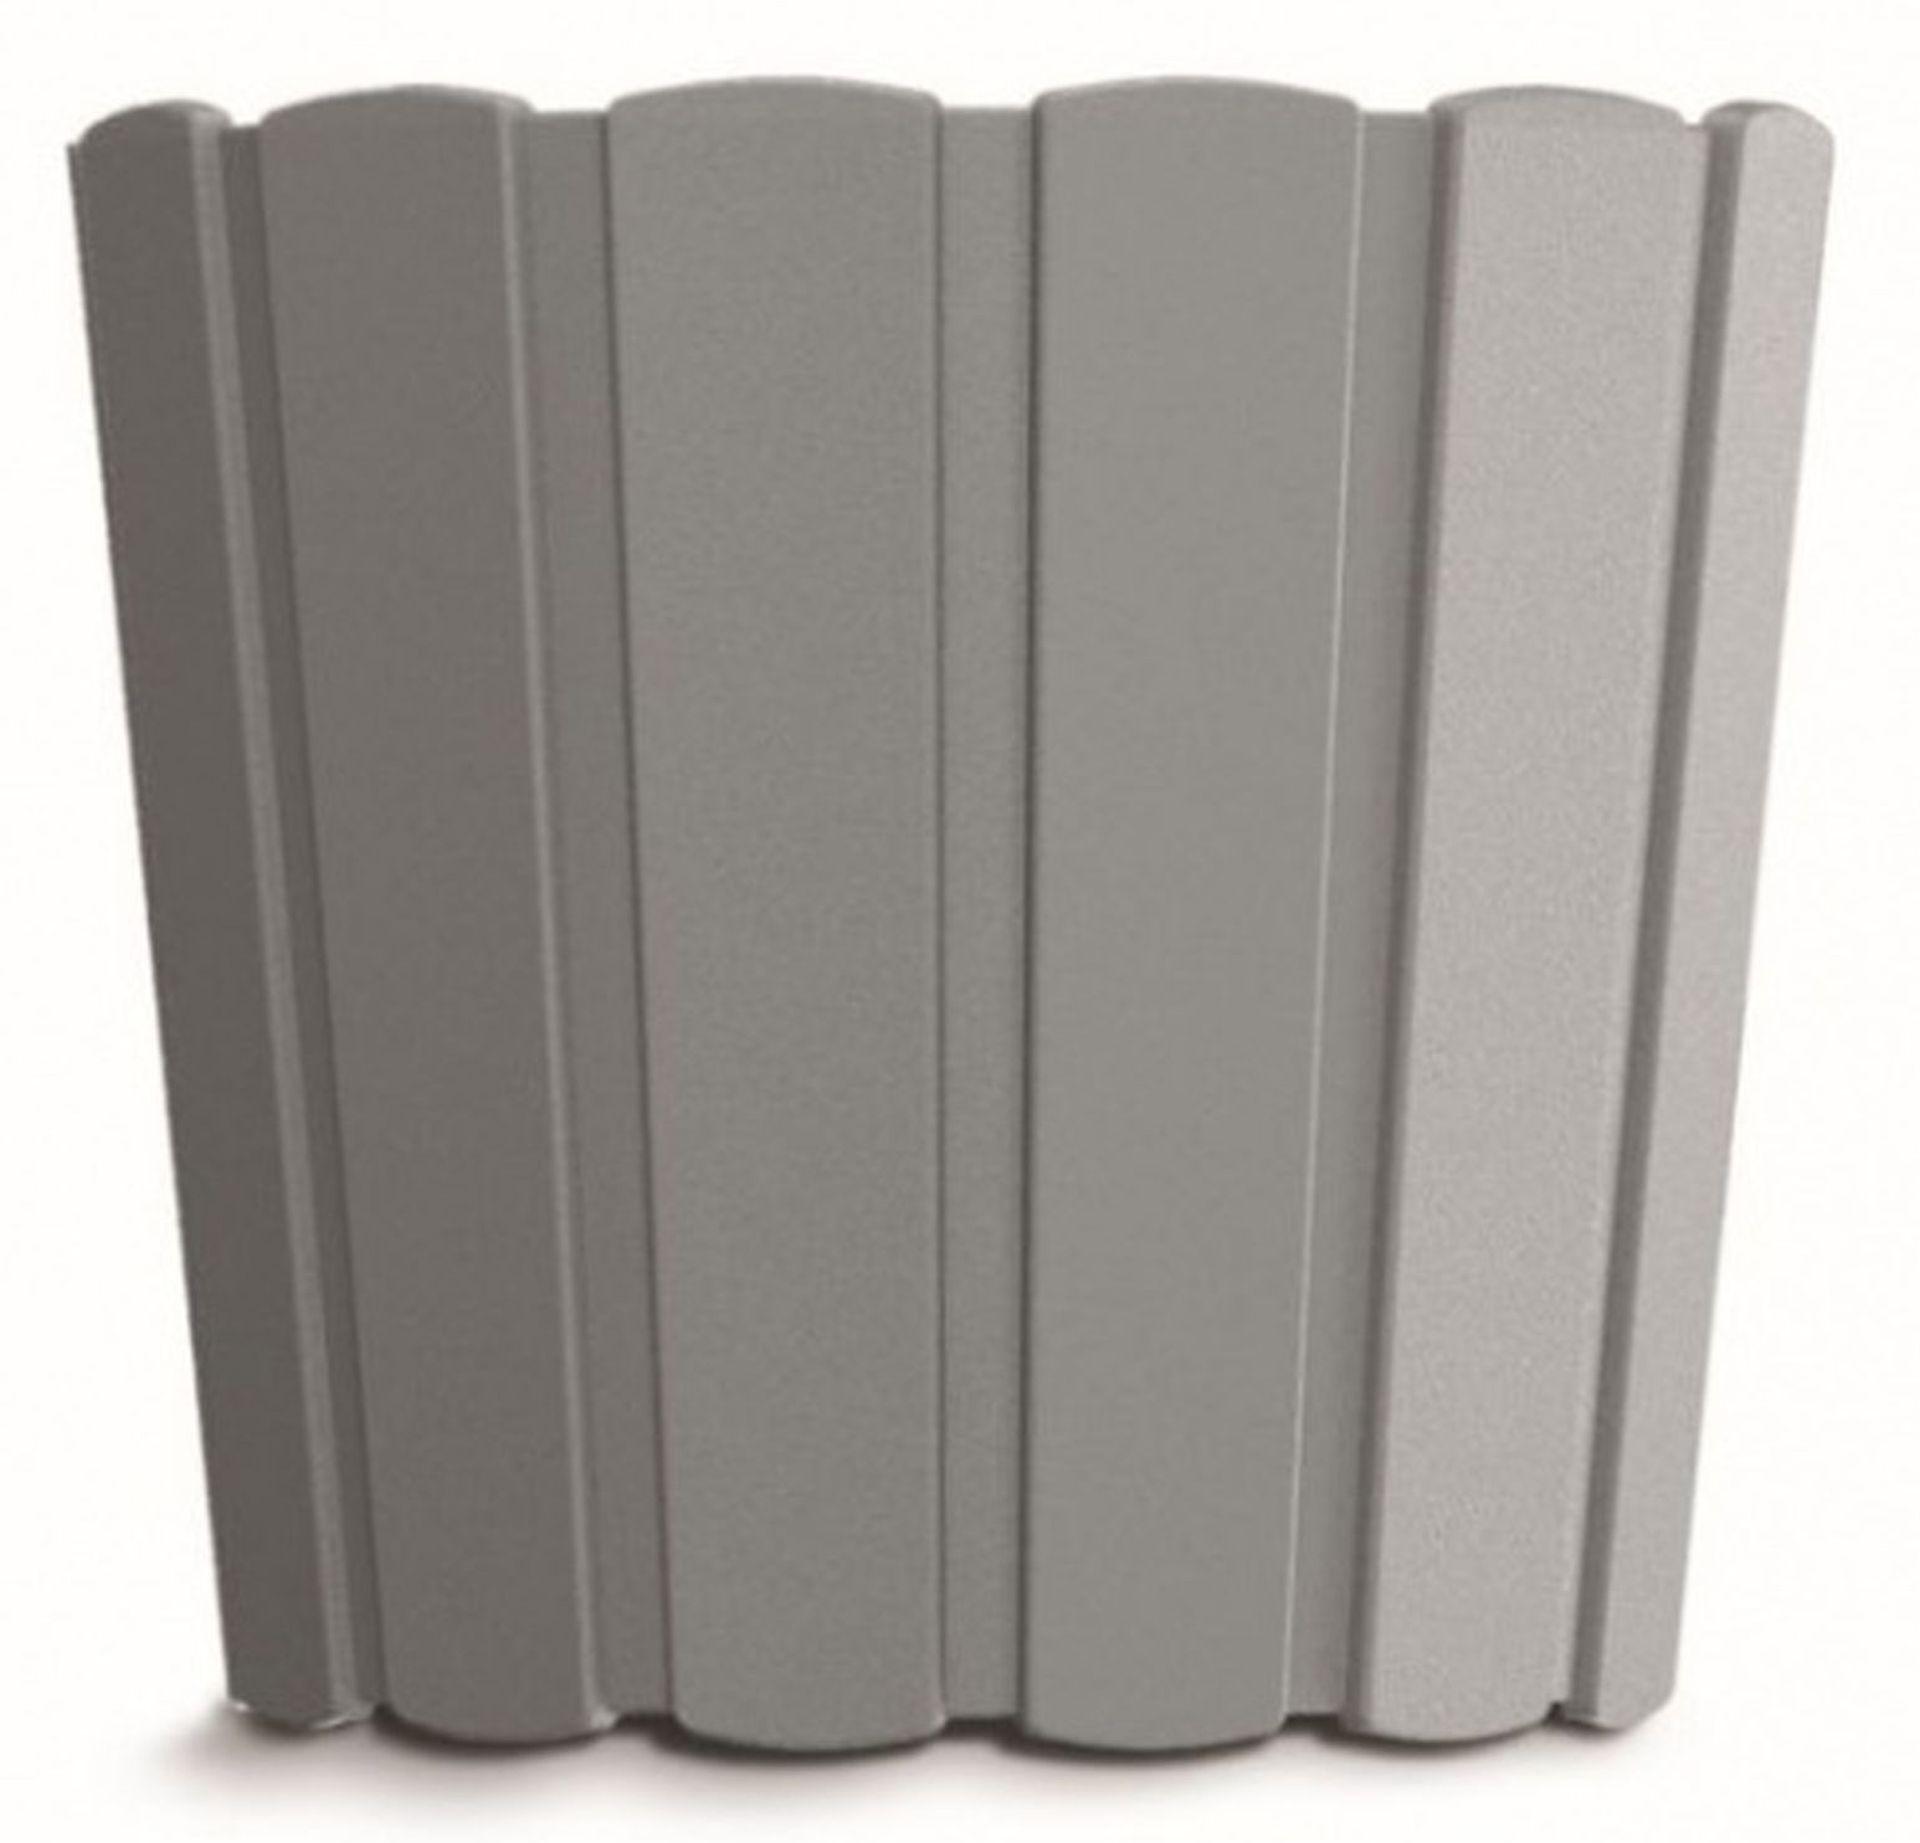 PROSPERPLAST BOARDEE BASIC Květináč 23,9 cm, šedý kámen DDE240